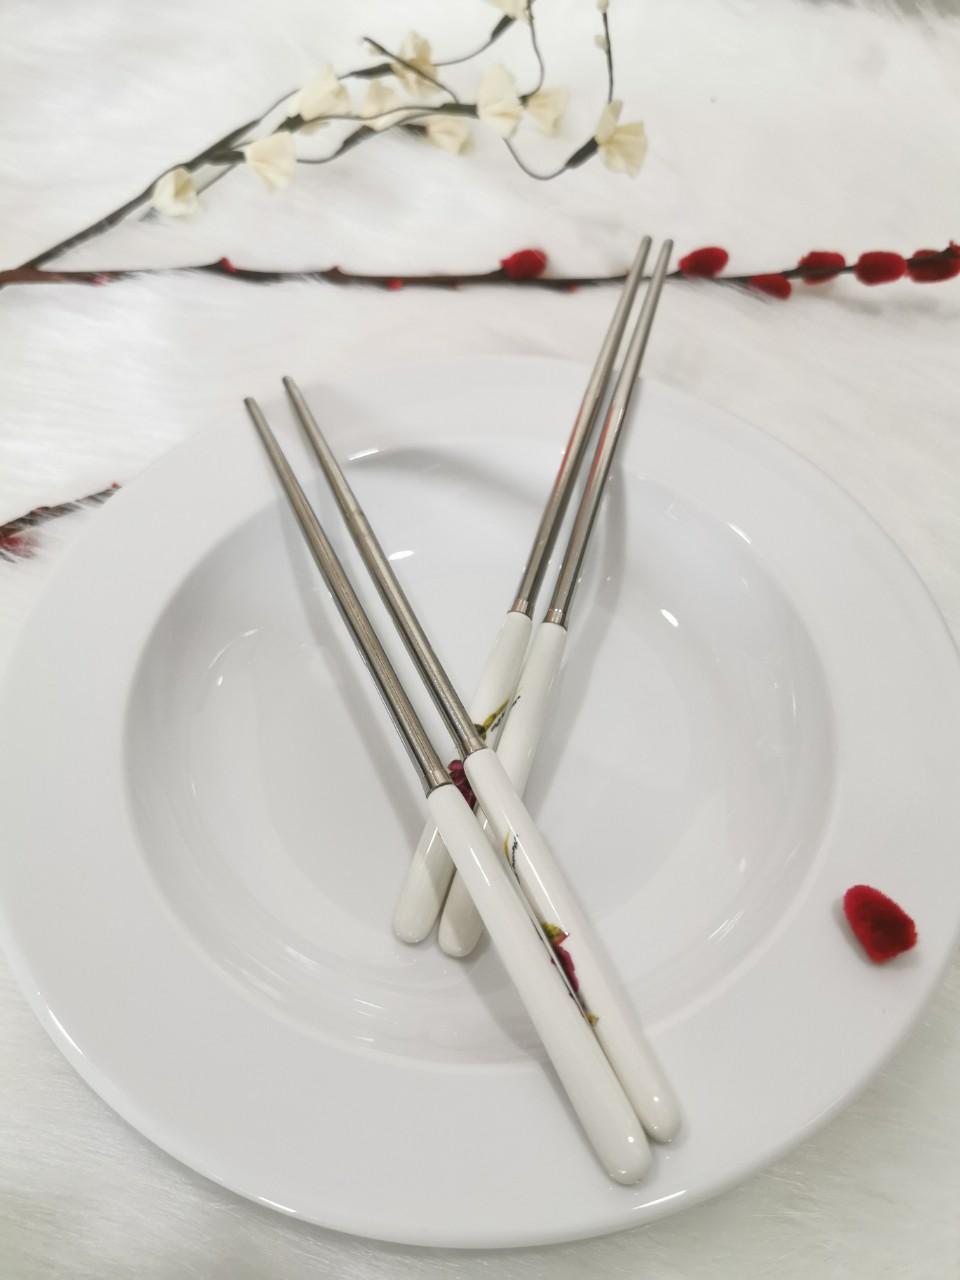 Bộ 2 đôi đũa ăn Inox kết hợp sứ Hàn Quốc